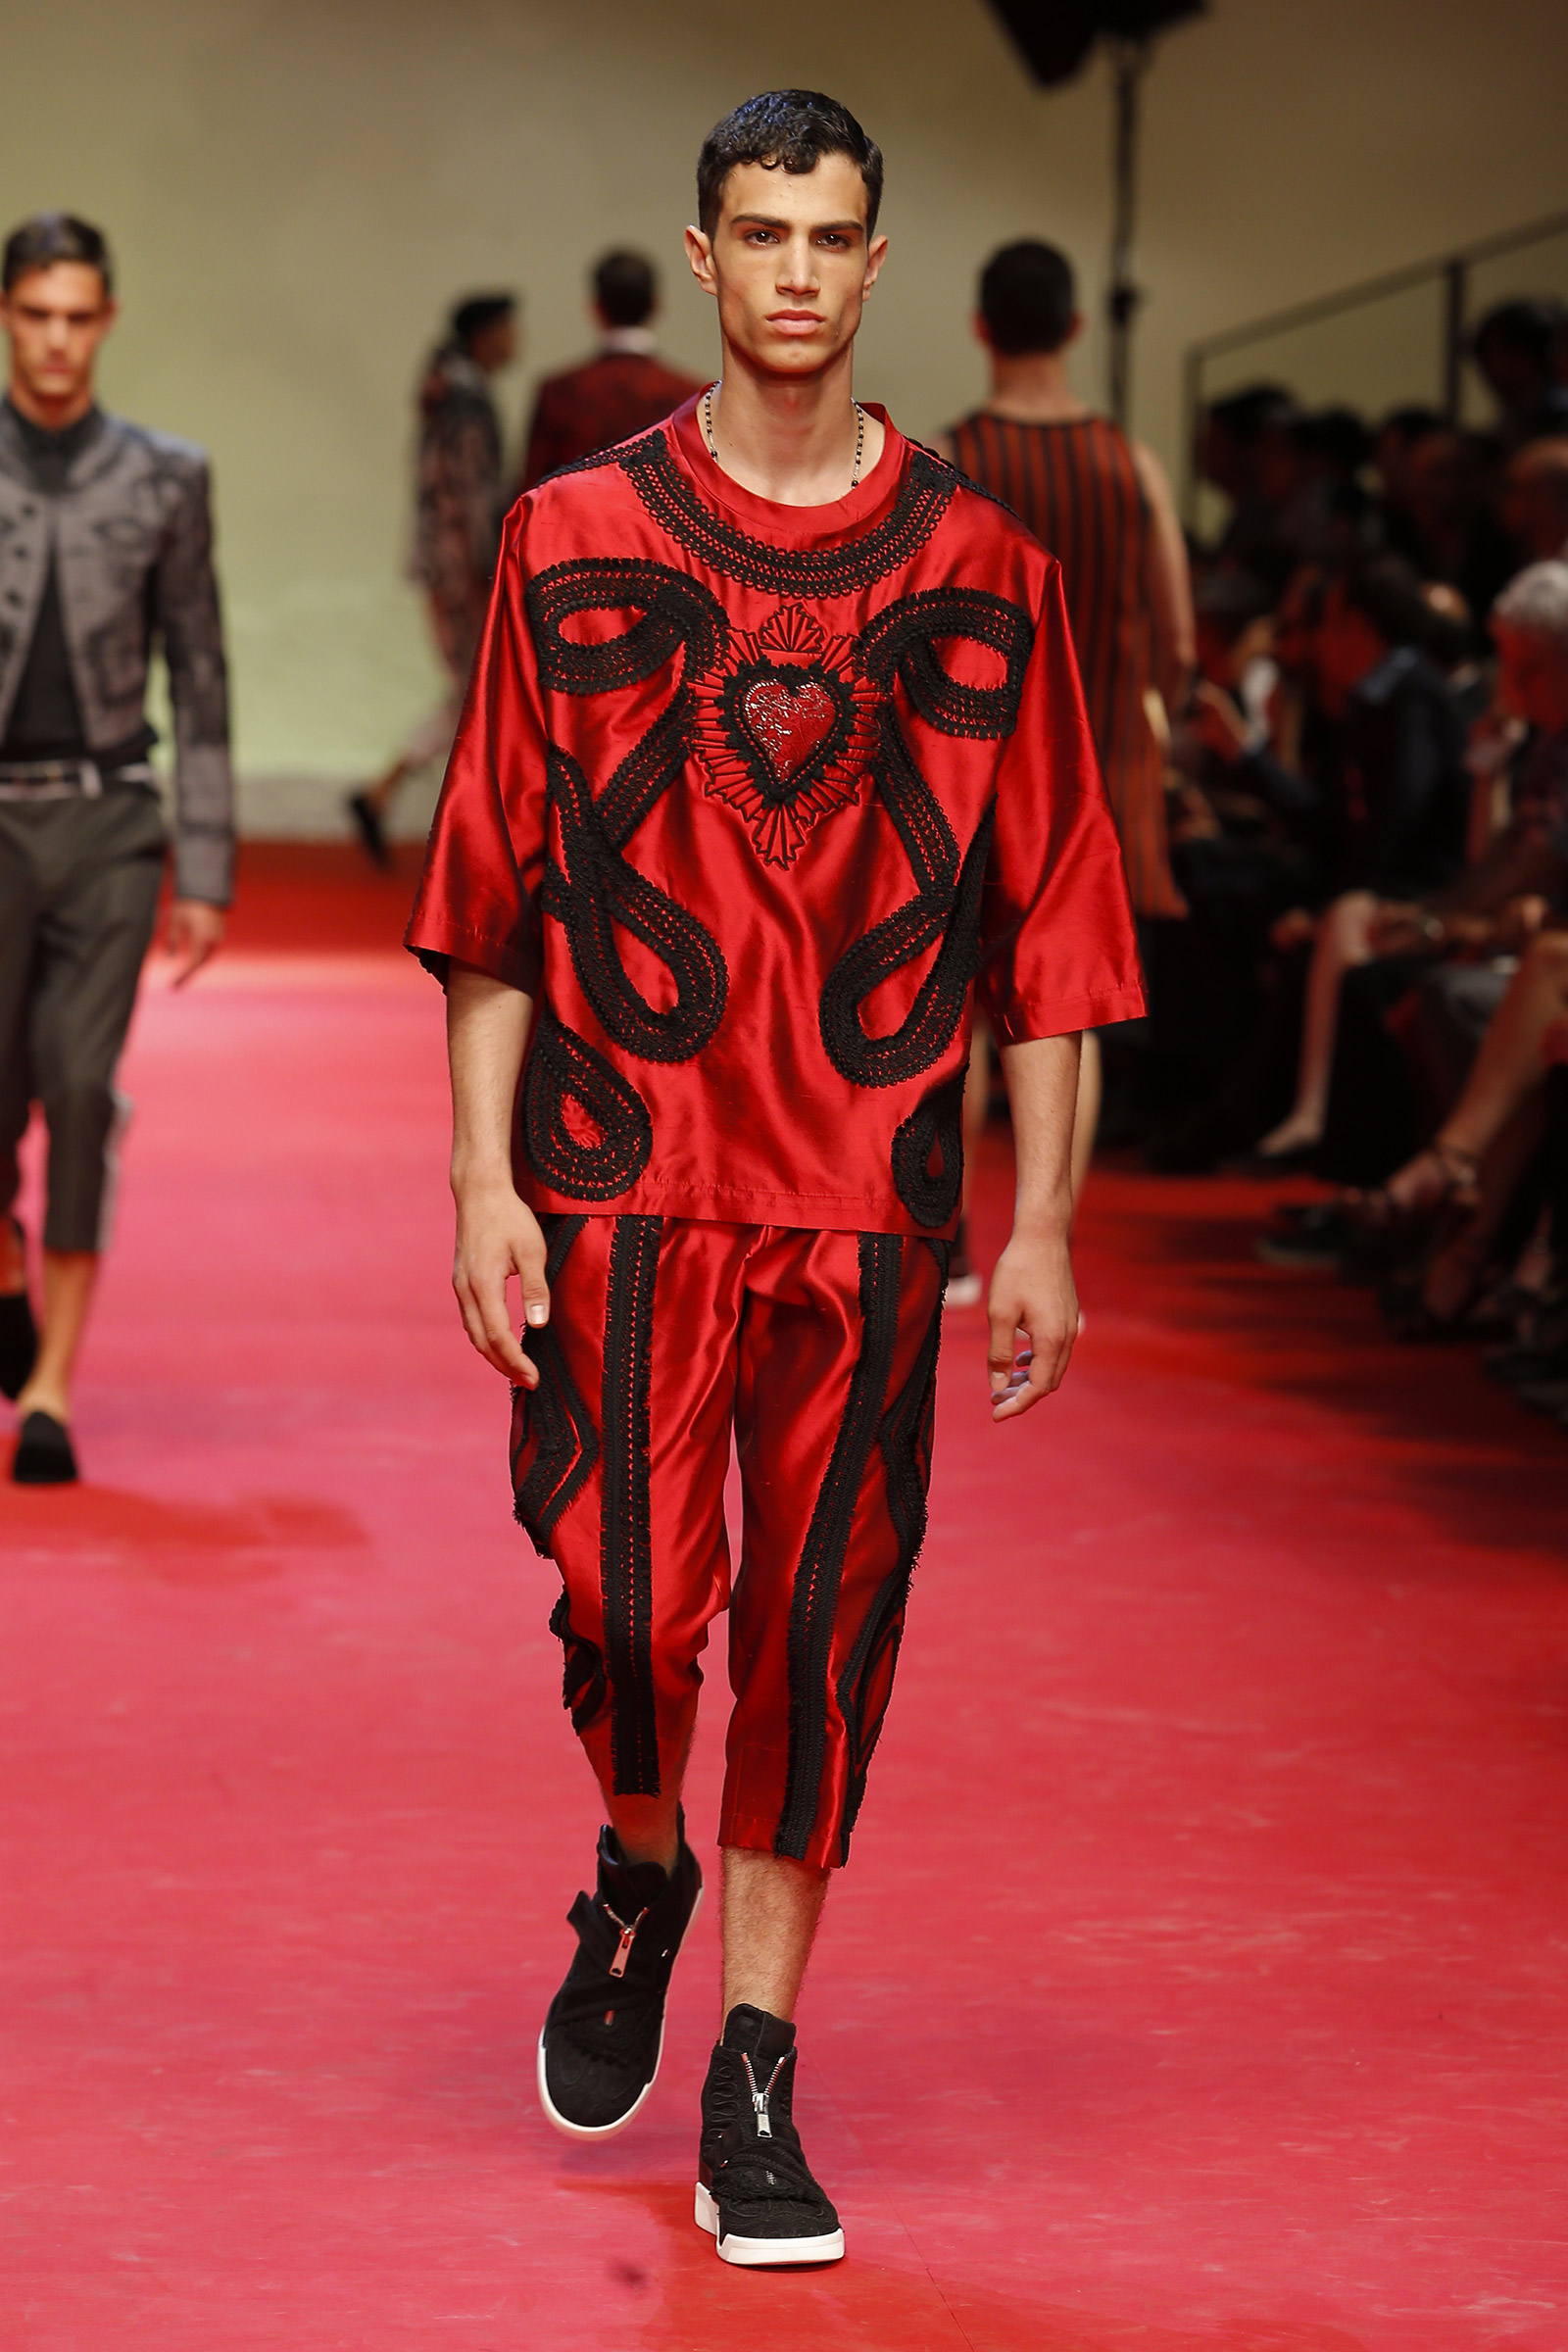 dolce-and-gabbana-summer-2015-men-fashion-show-runway-28.jpg